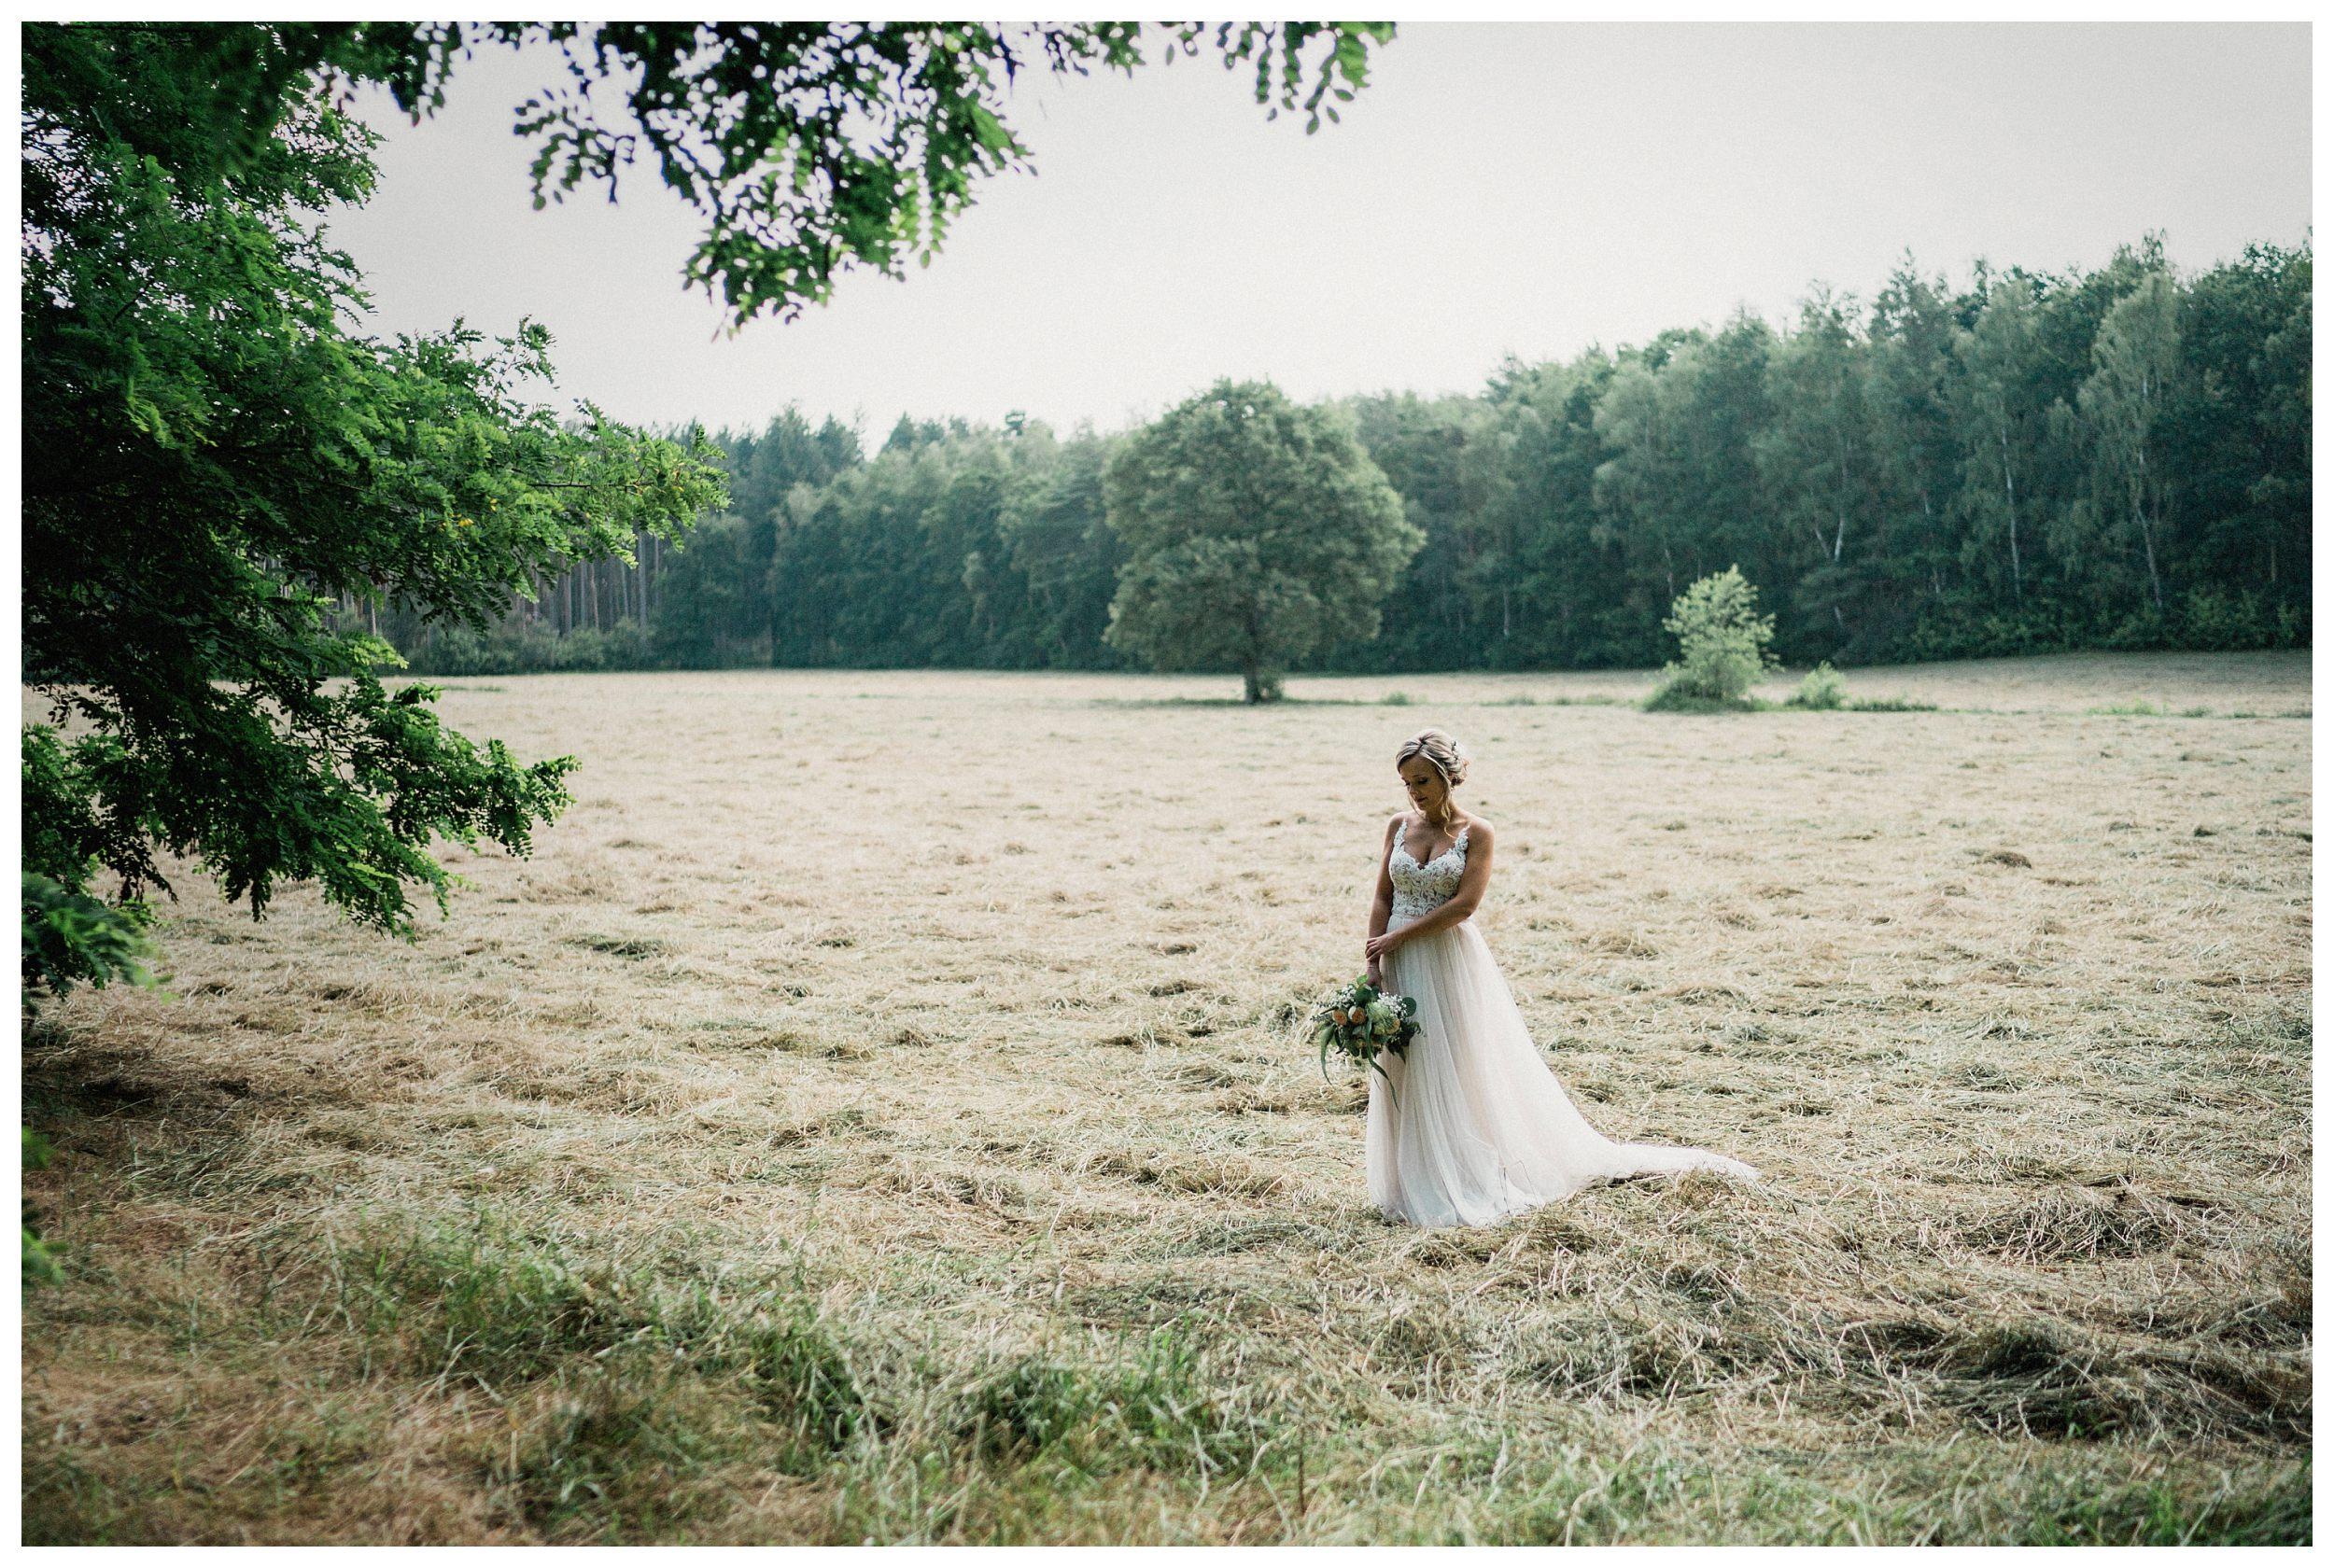 huwelijksfotograaf bruidsfotograaf destinationwedding huwelijksfotografie in mol oostham (25).jpg